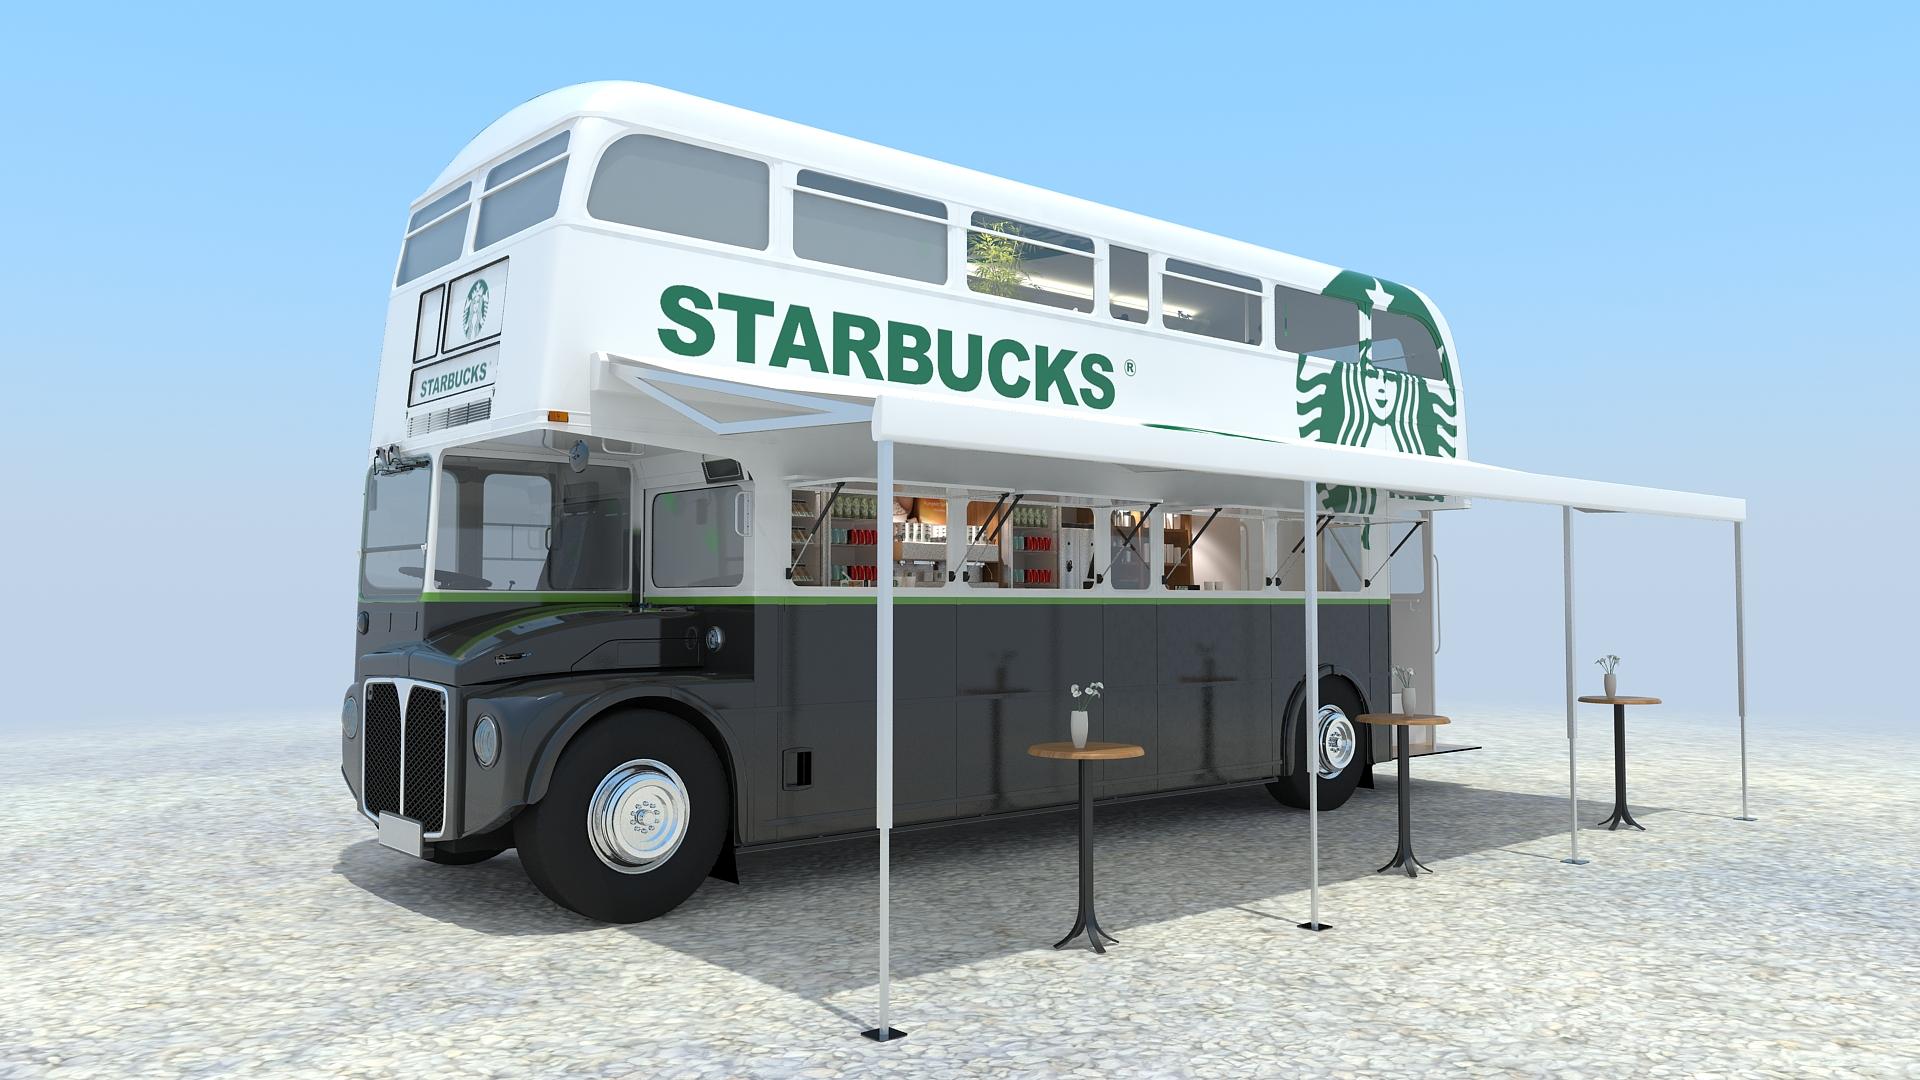 Starbucks Exterior Front_02.jpg